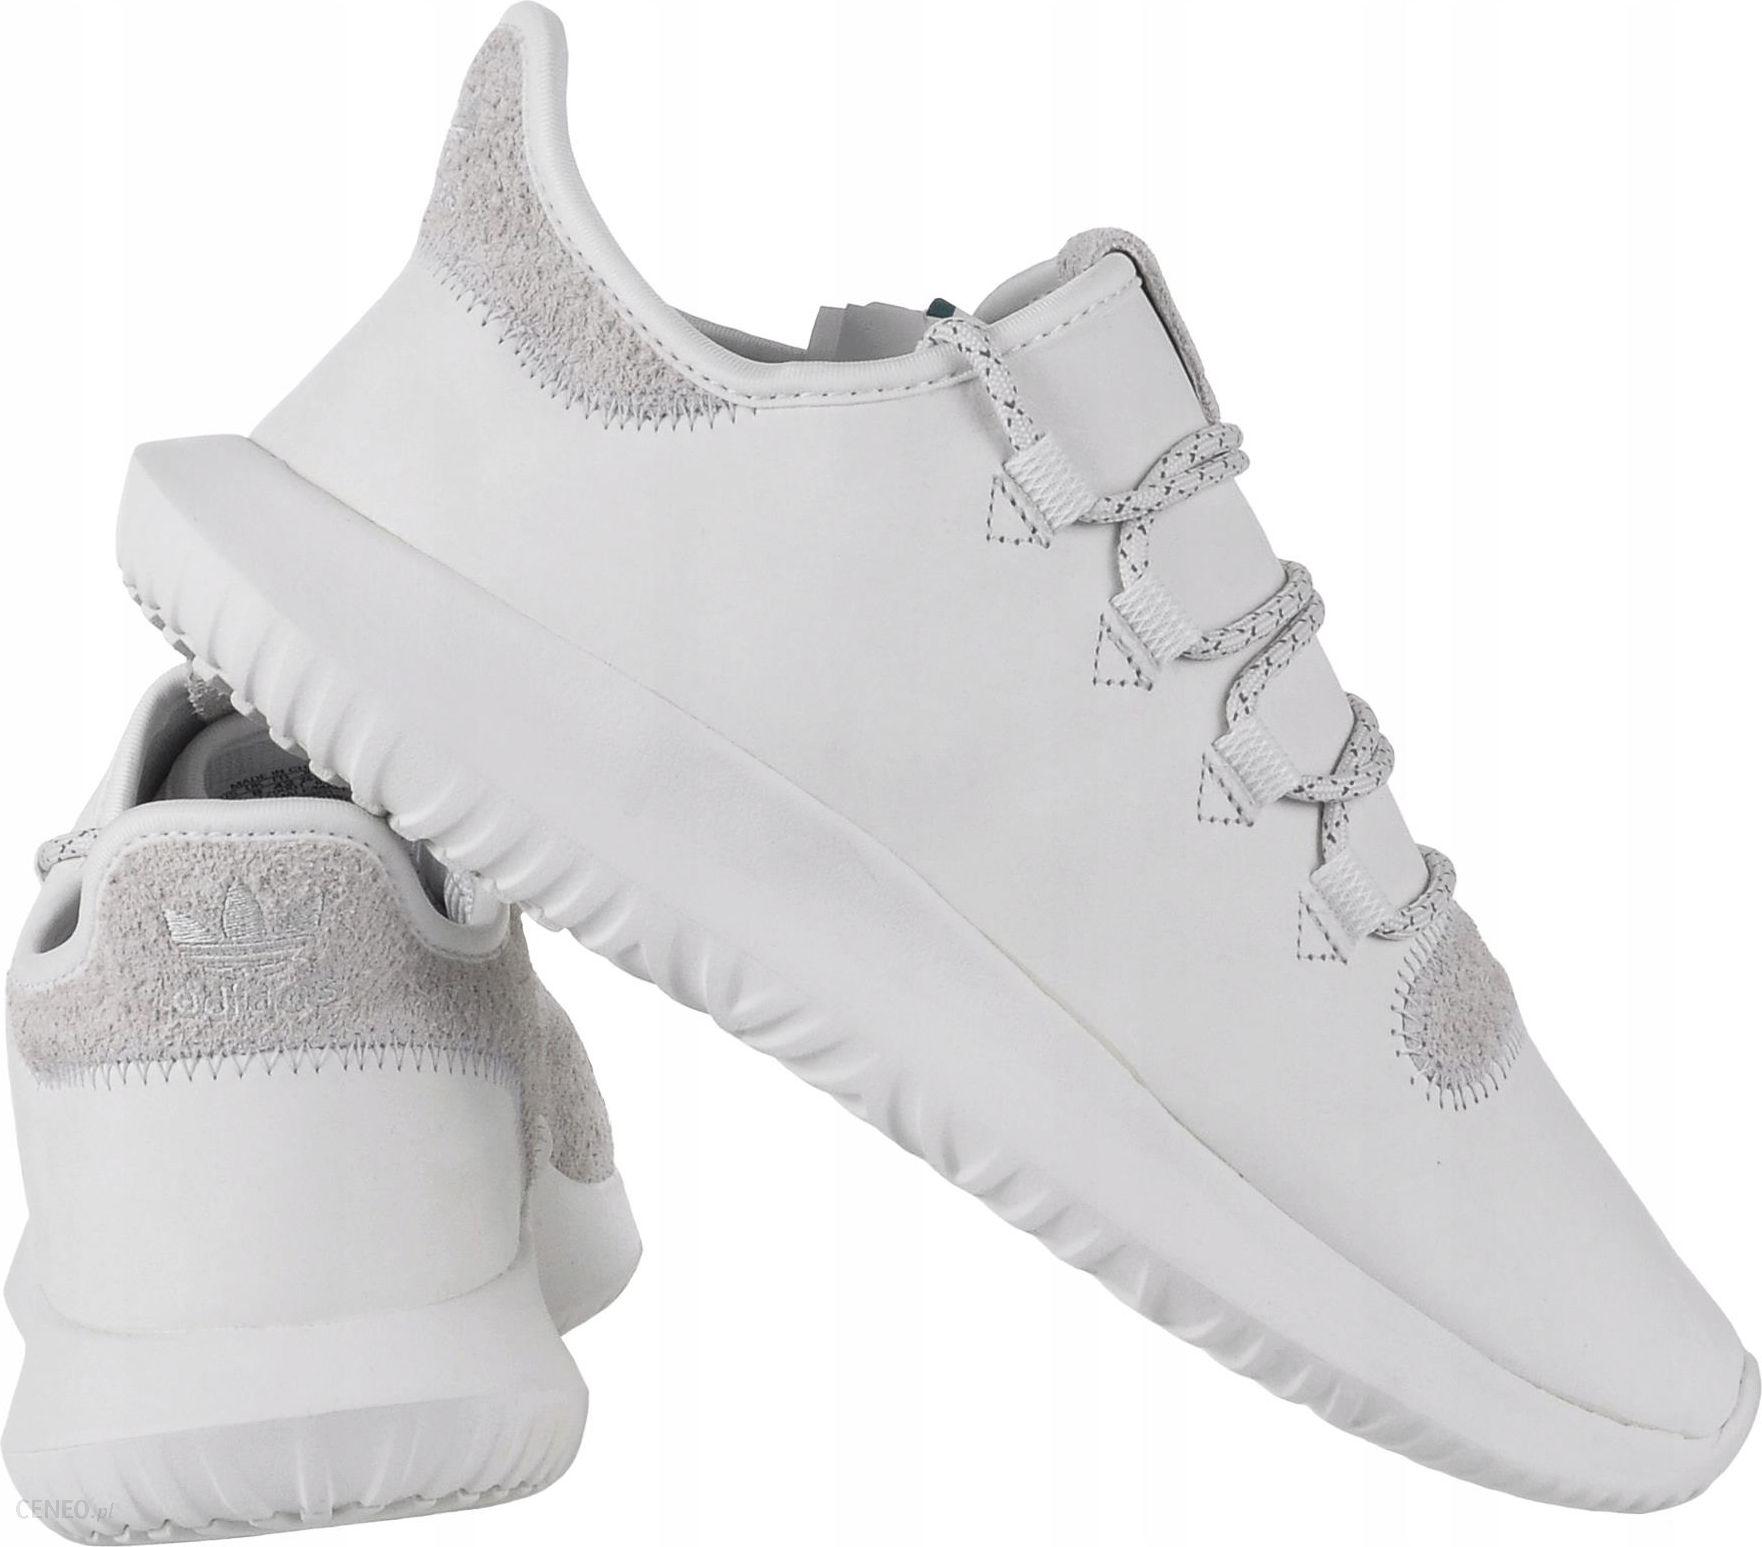 moda designerska 100% wysokiej jakości najtańszy Buty męskie Adidas Tubular Shadow Białe r.45 1/3 - Ceny i opinie - Ceneo.pl